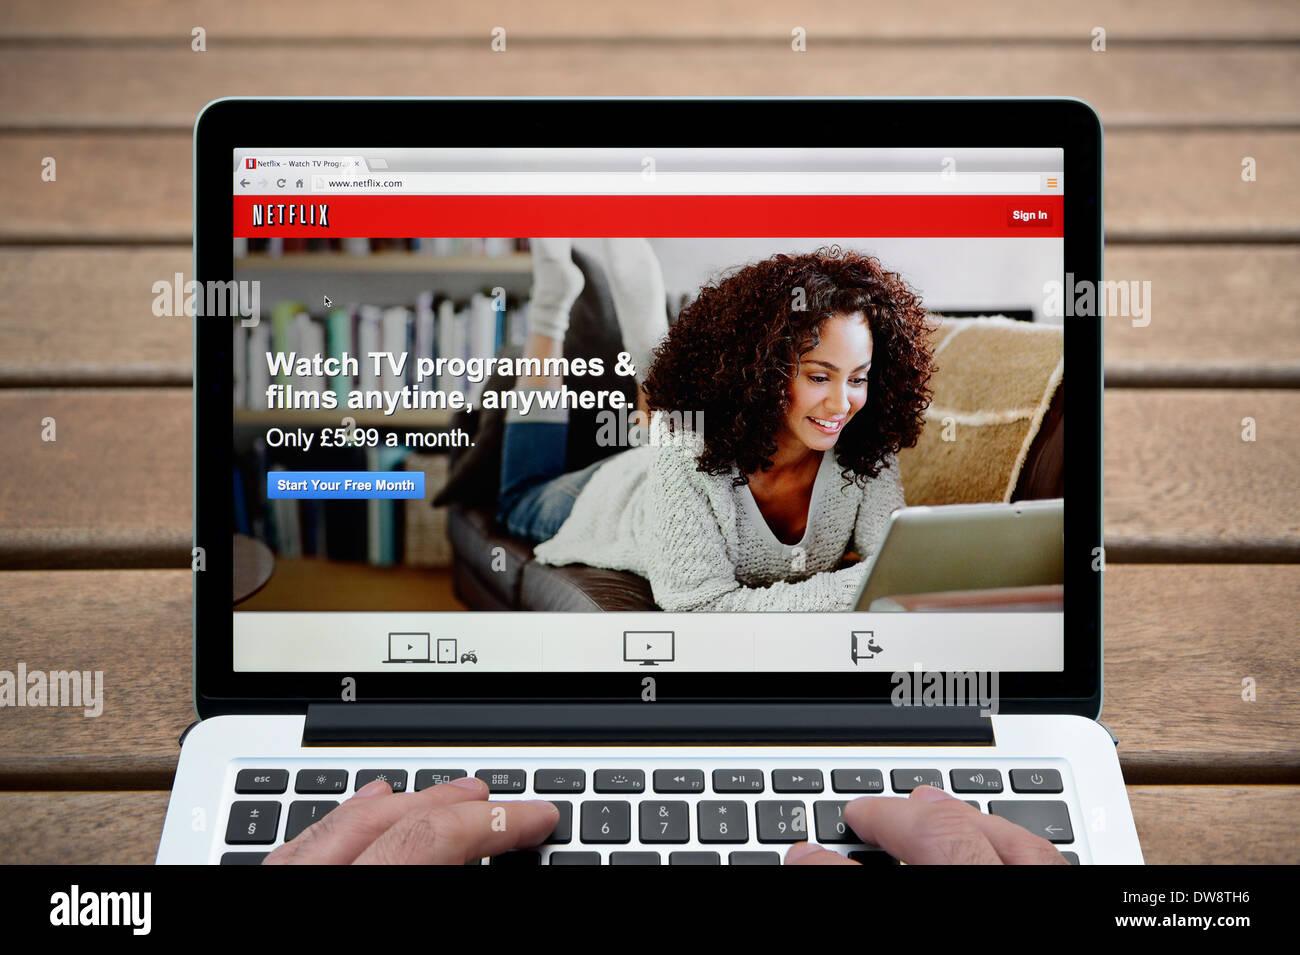 Der Netflix-Website auf einem MacBook Hintergrund eine Holzbank im Freien einschließlich eines Mannes Finger (nur zur redaktionellen Verwendung). Stockbild